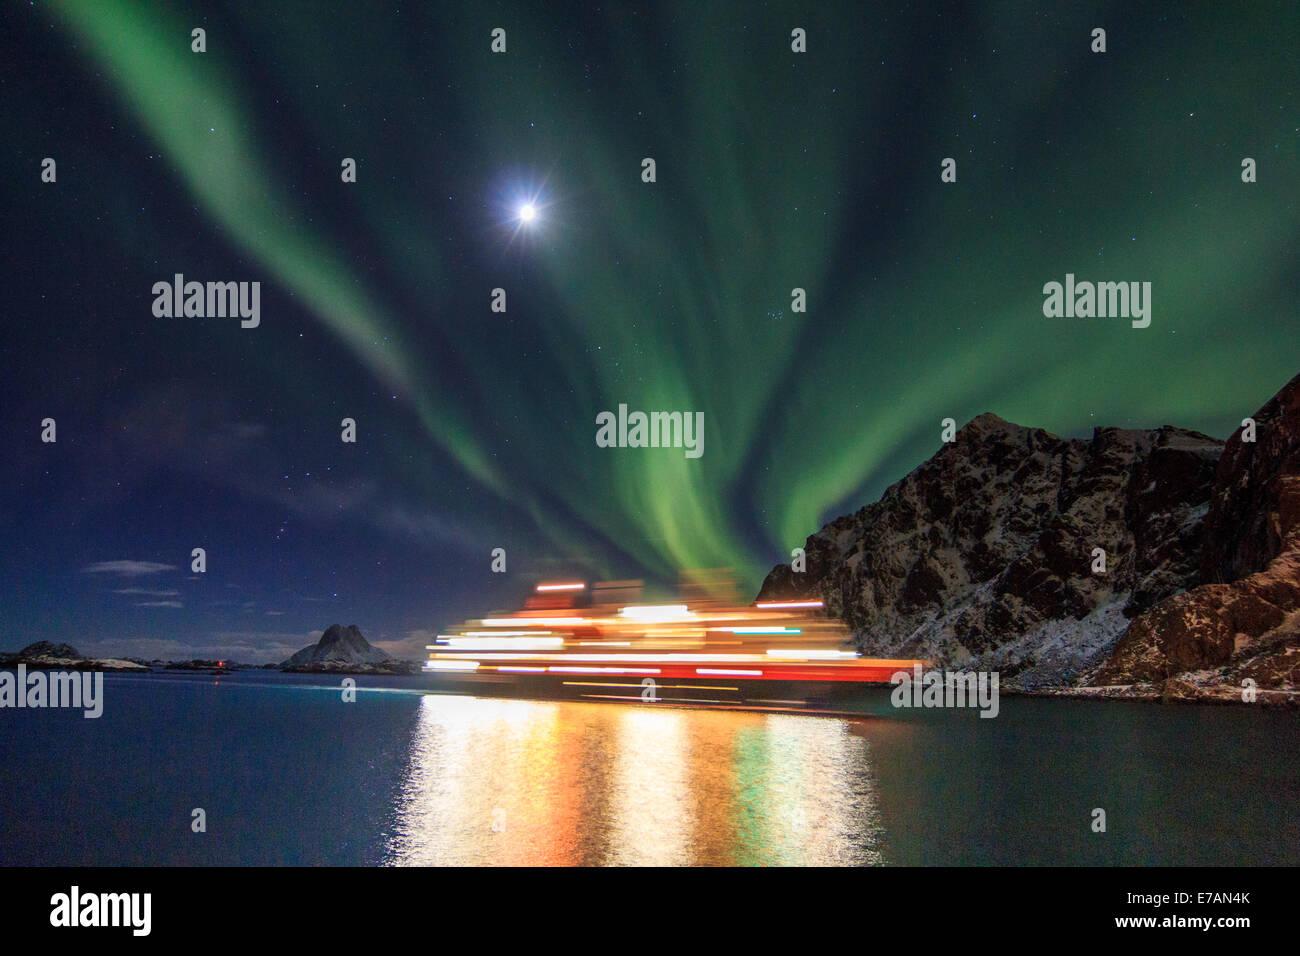 Hurtigruten postal ship with northern lights - Stock Image